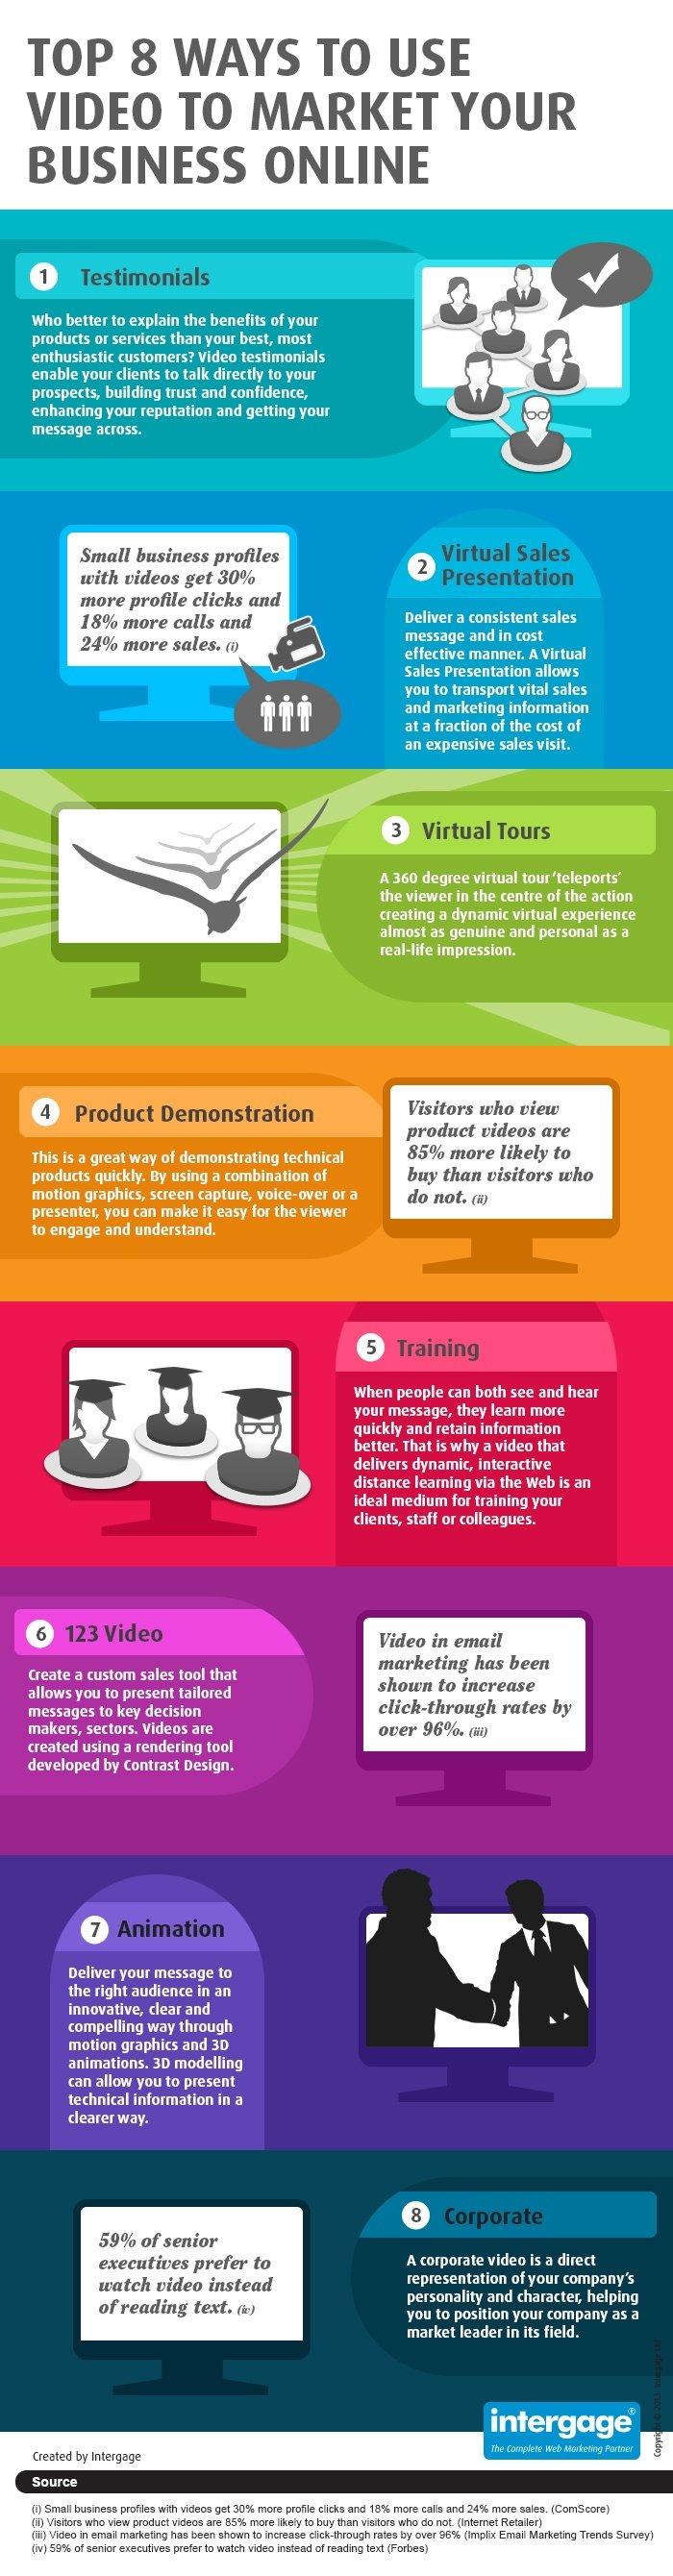 8 Ways Video Market Business Online-1.jpg